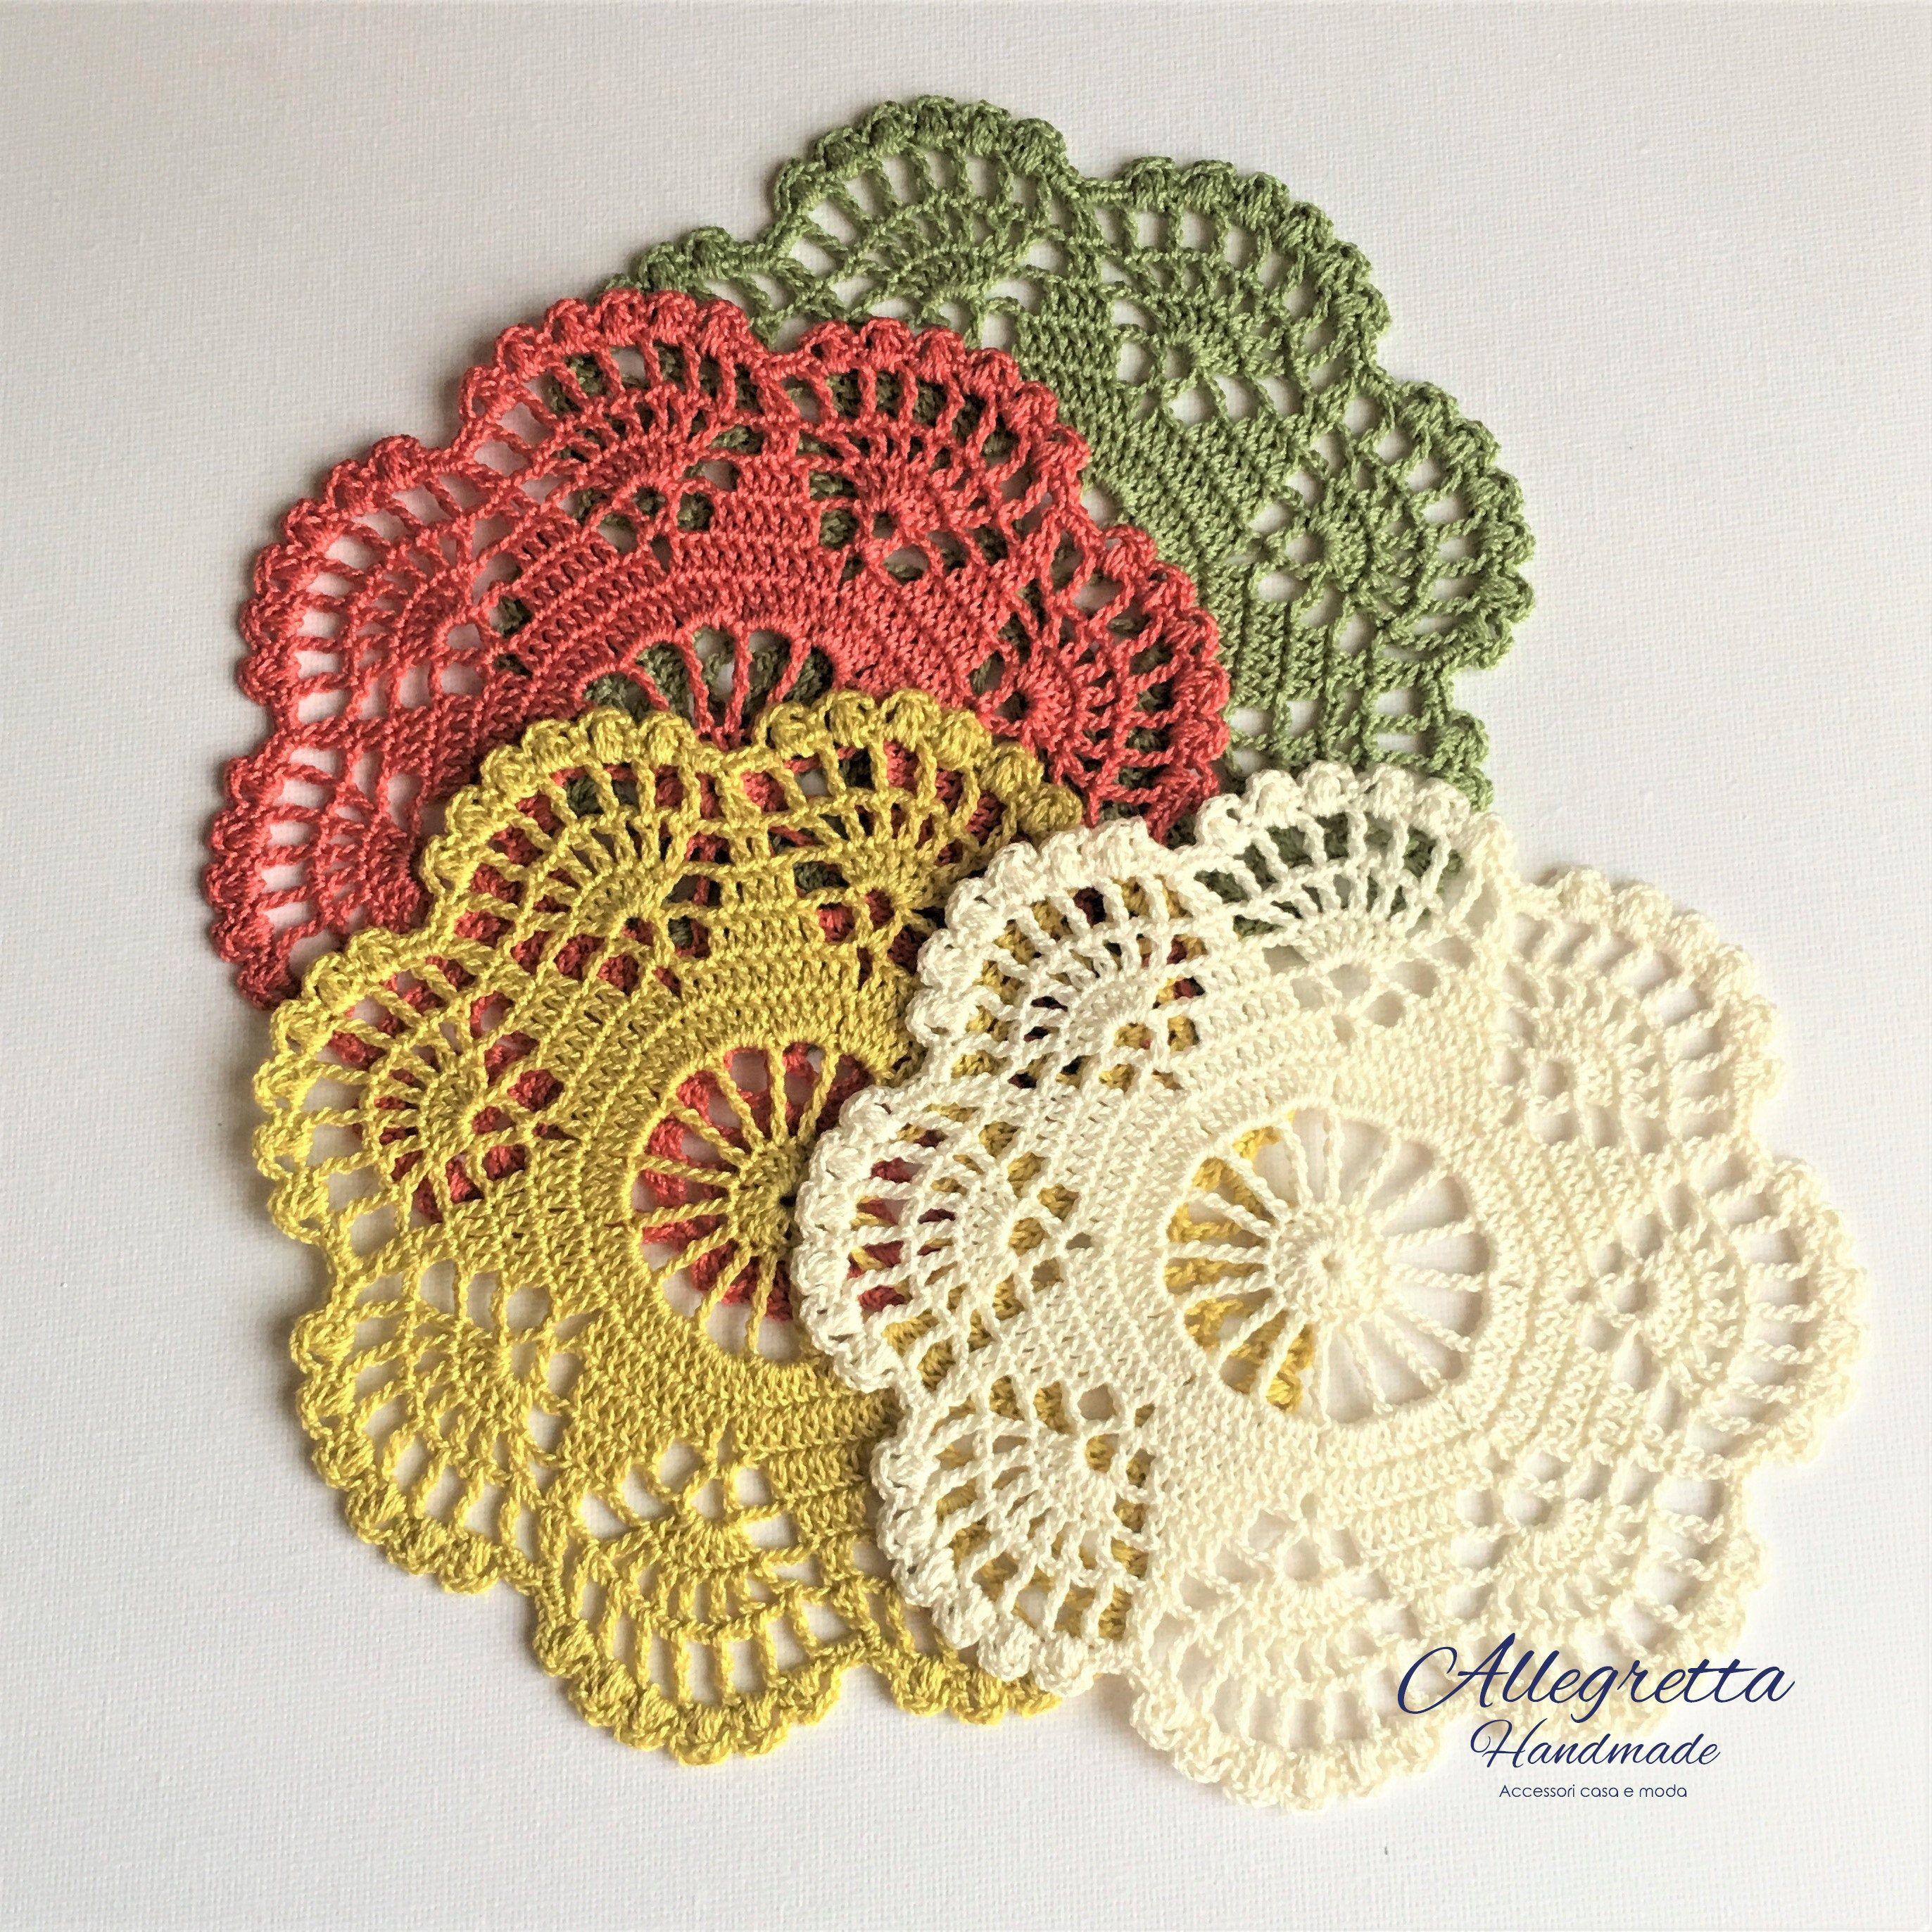 Uncinetto Shabby.Piccolo Centrino Uncinetto Smerlato In Cotone Fatti A Mano Etsy Doilies For Sale Crochet Home Decor Crochet Home